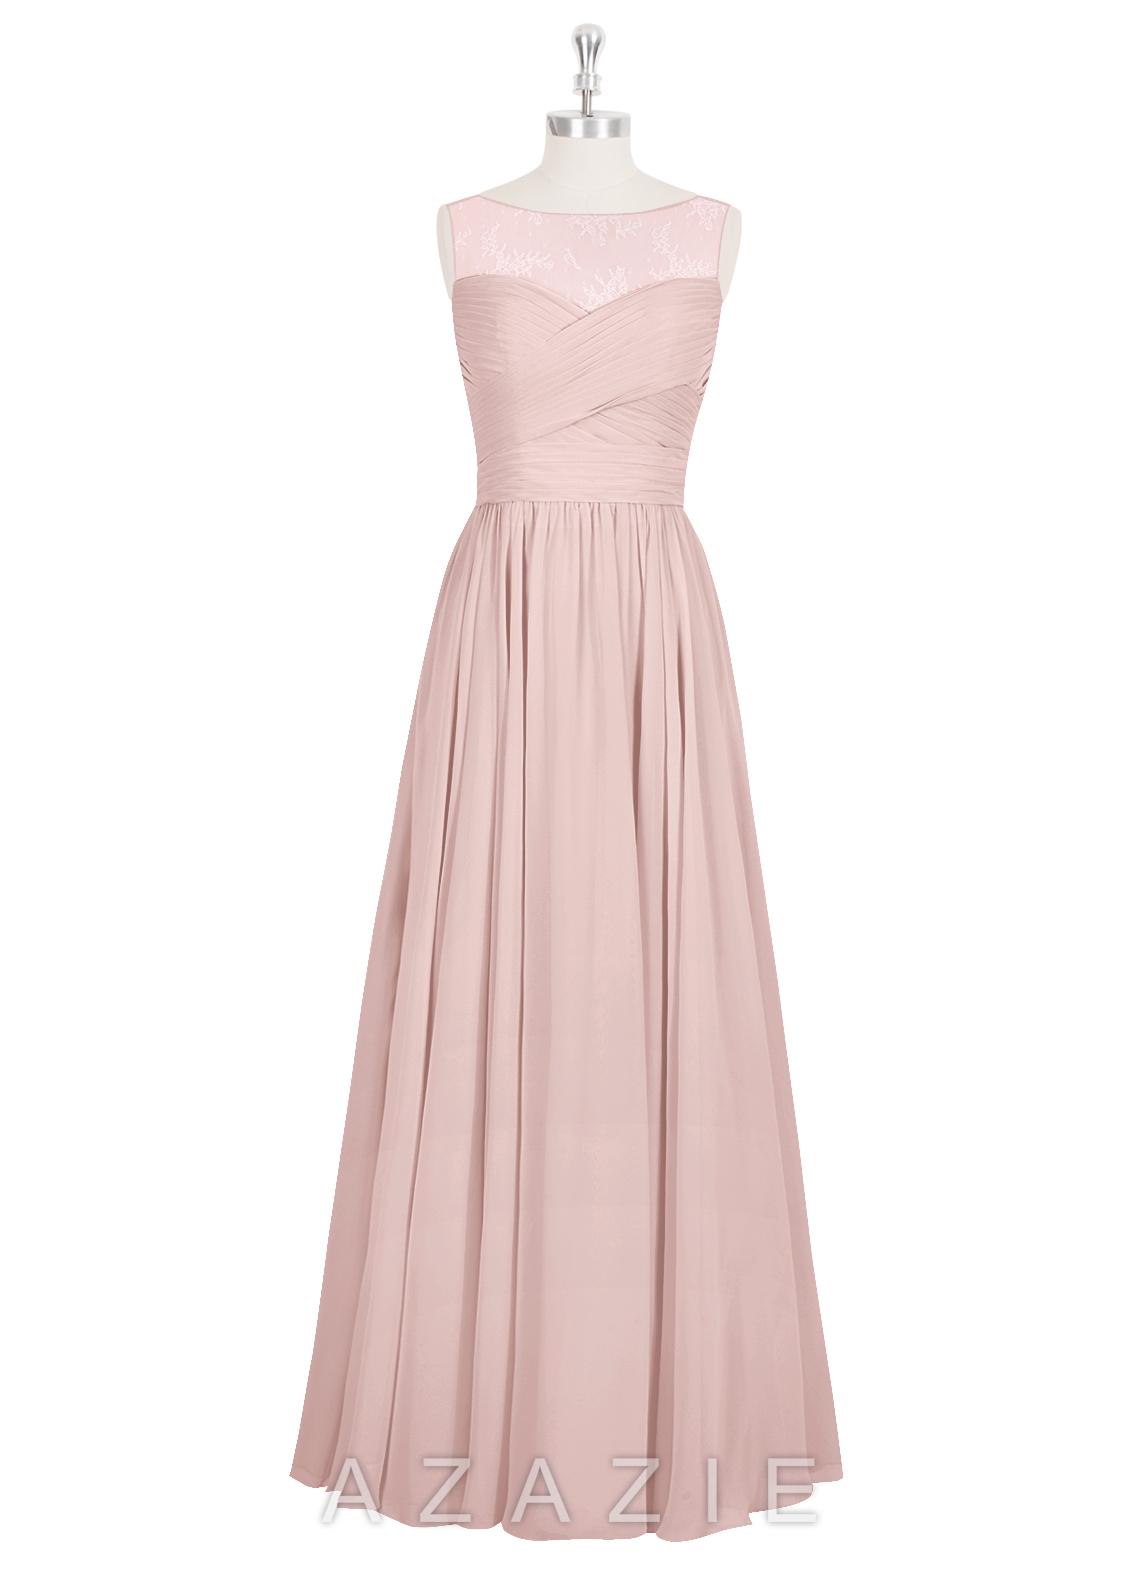 Azazie Aliya Bridesmaid Dress | Azazie - photo #44